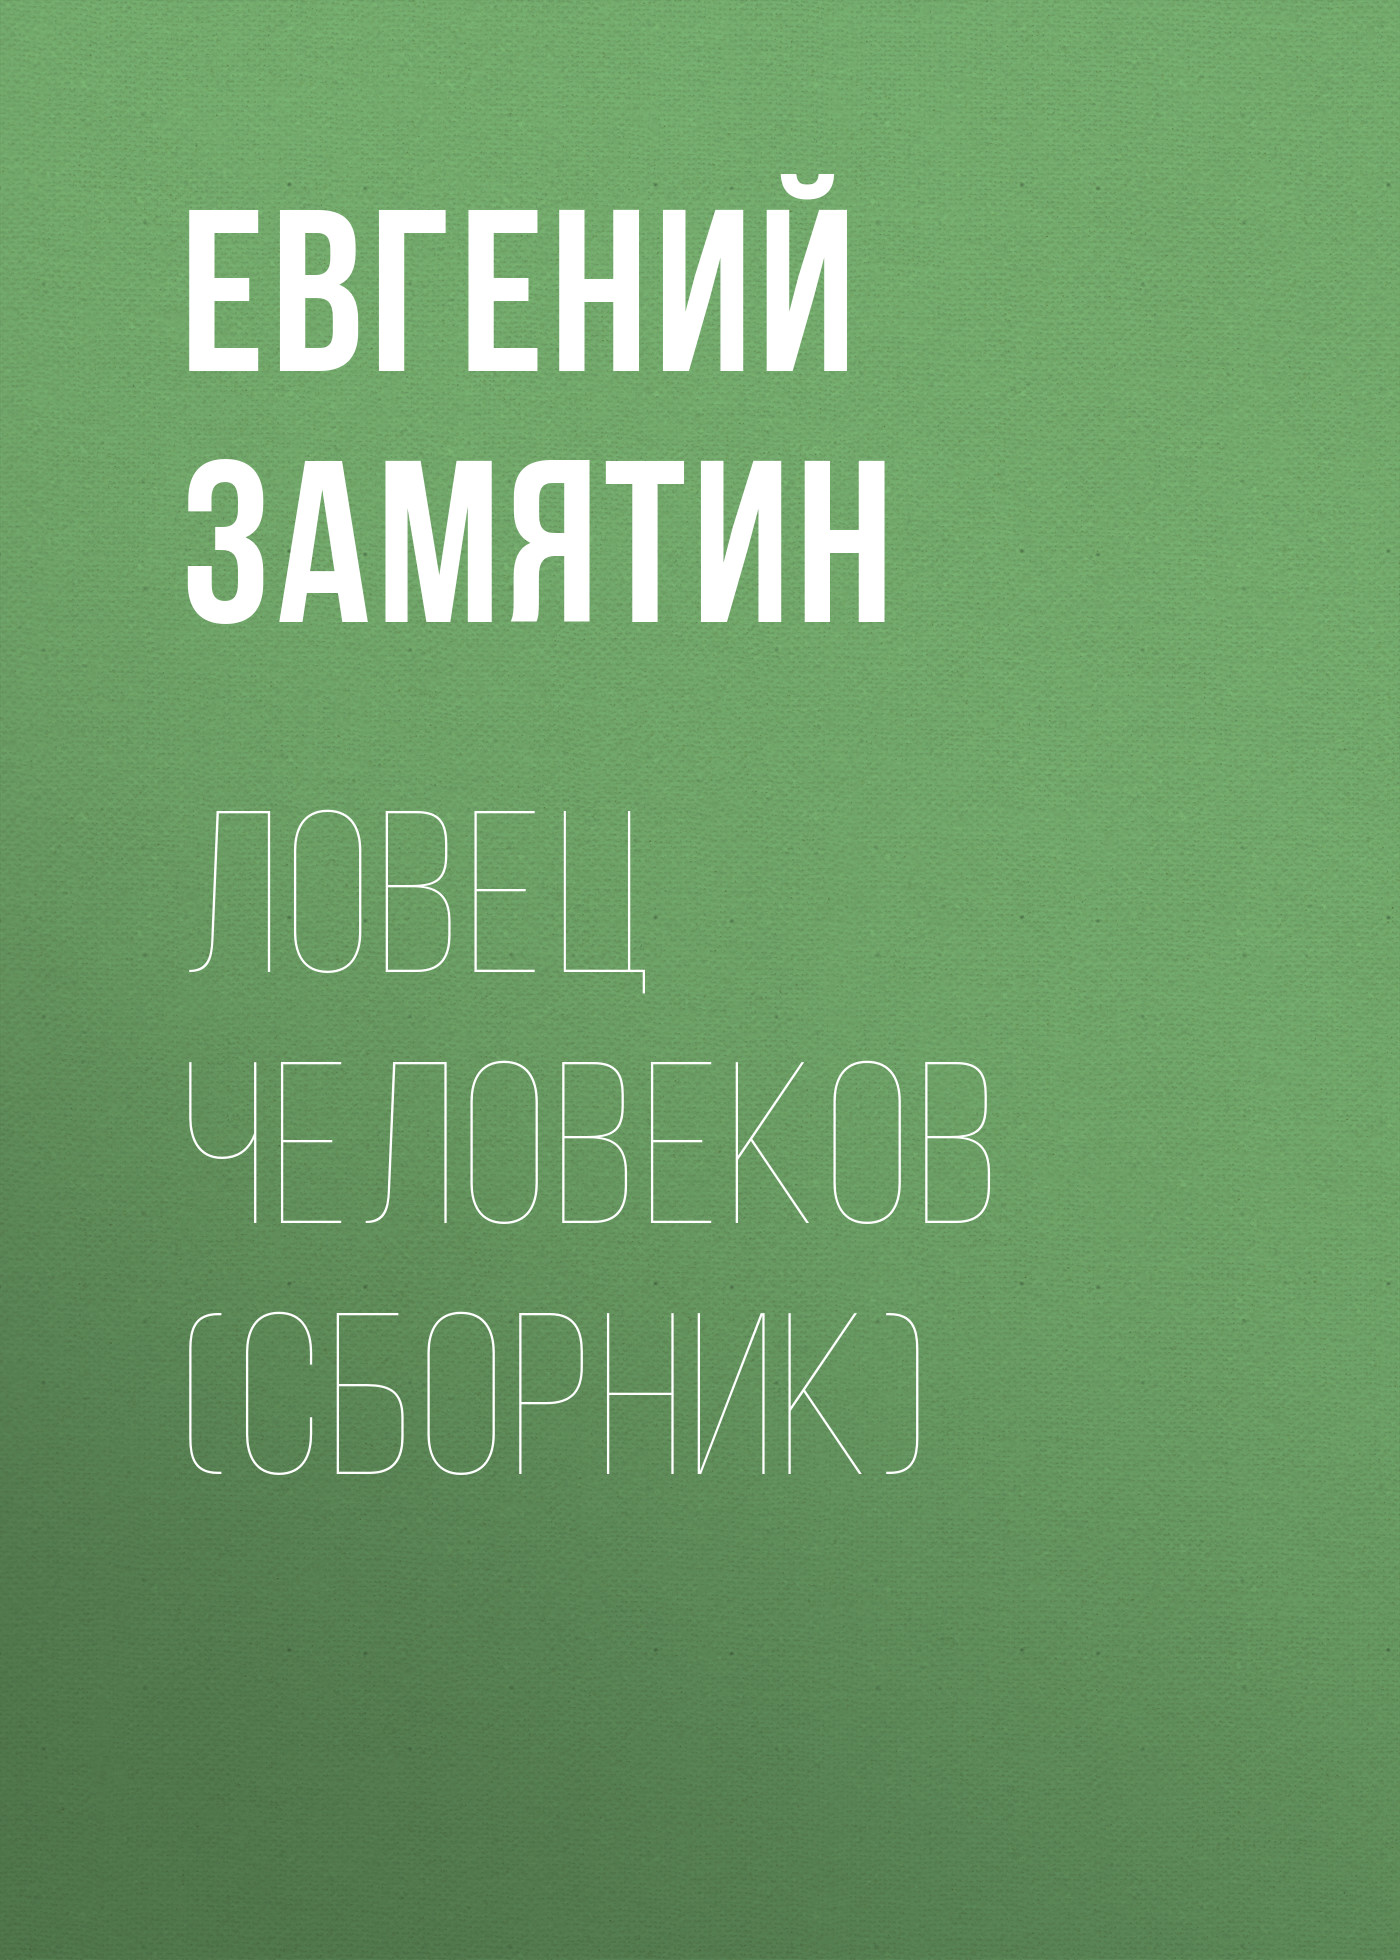 купить Евгений Замятин Ловец человеков (сборник) по цене 0 рублей